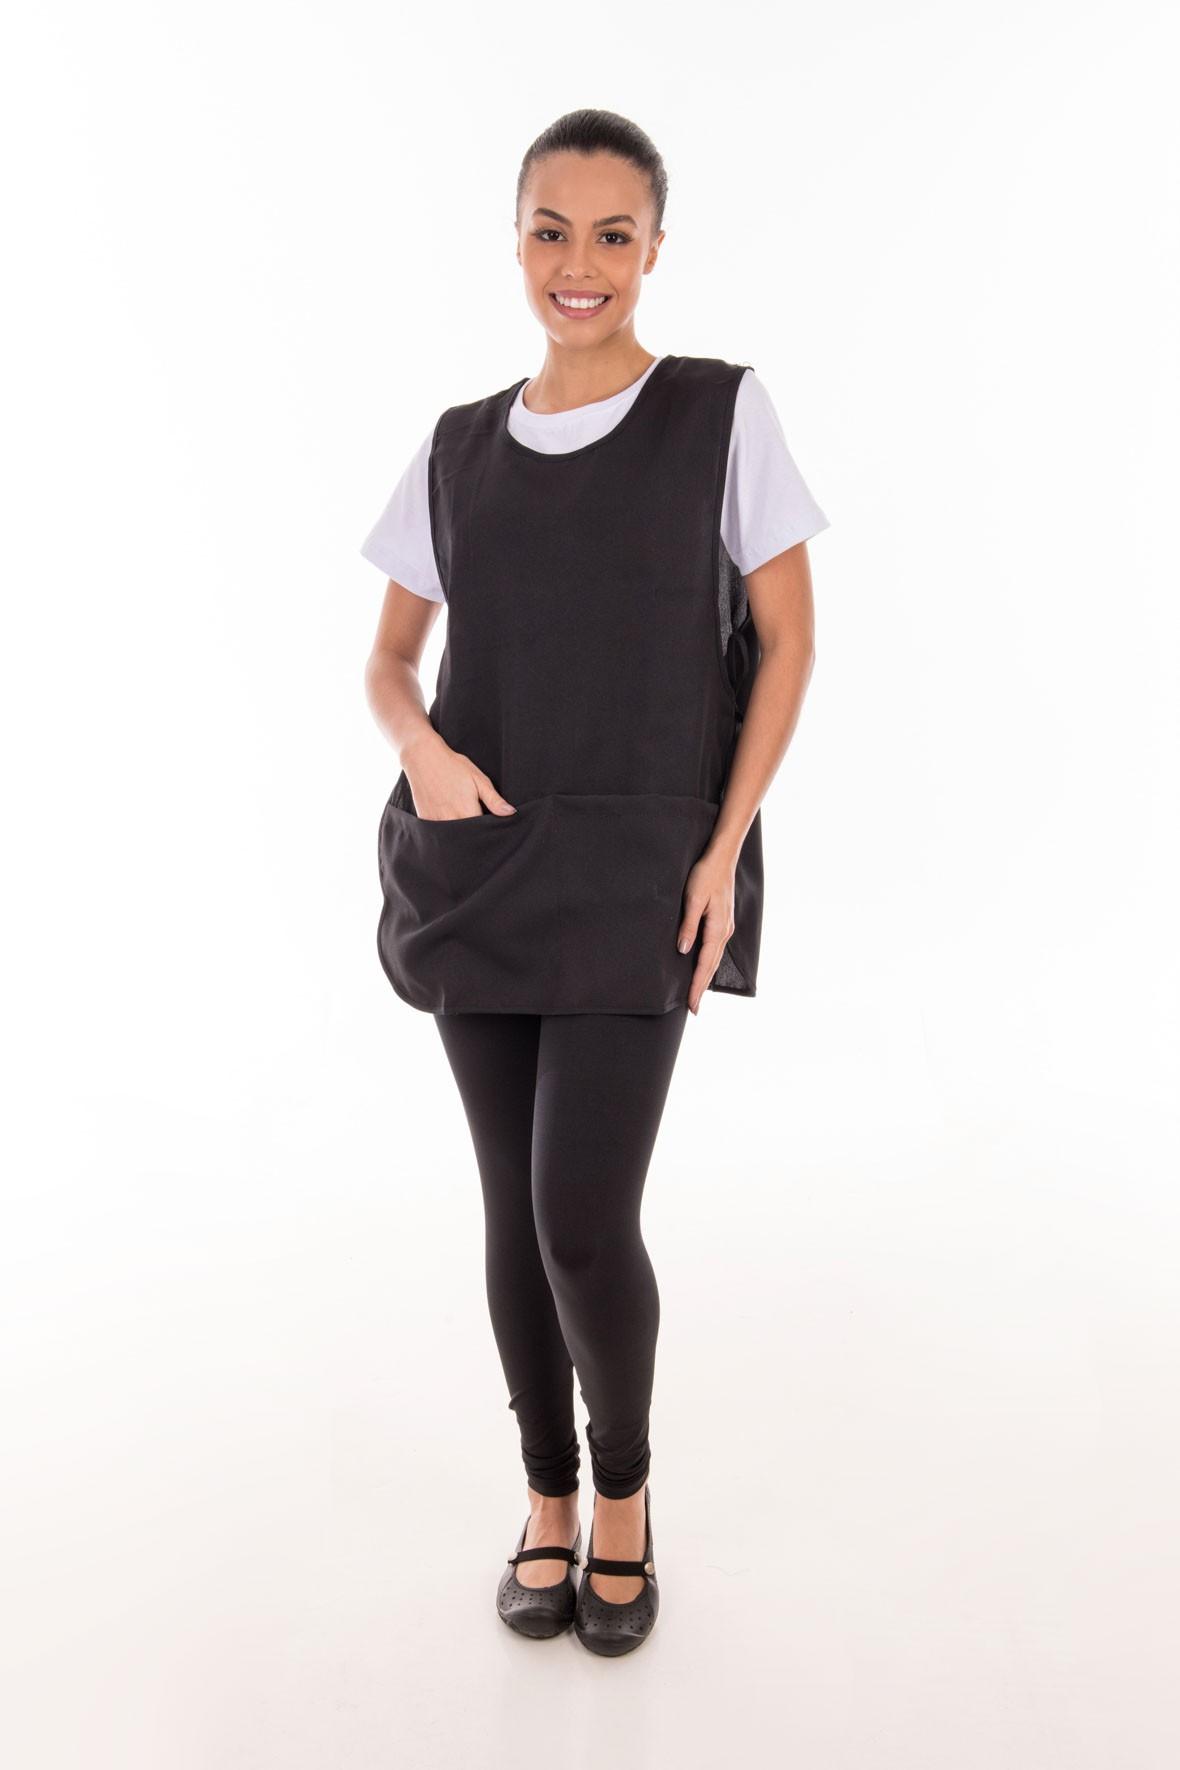 Conjunto de calça legging, camiseta e bata para copeira, arrumadeira, faxineira, babá  - EBT UNIFORMES